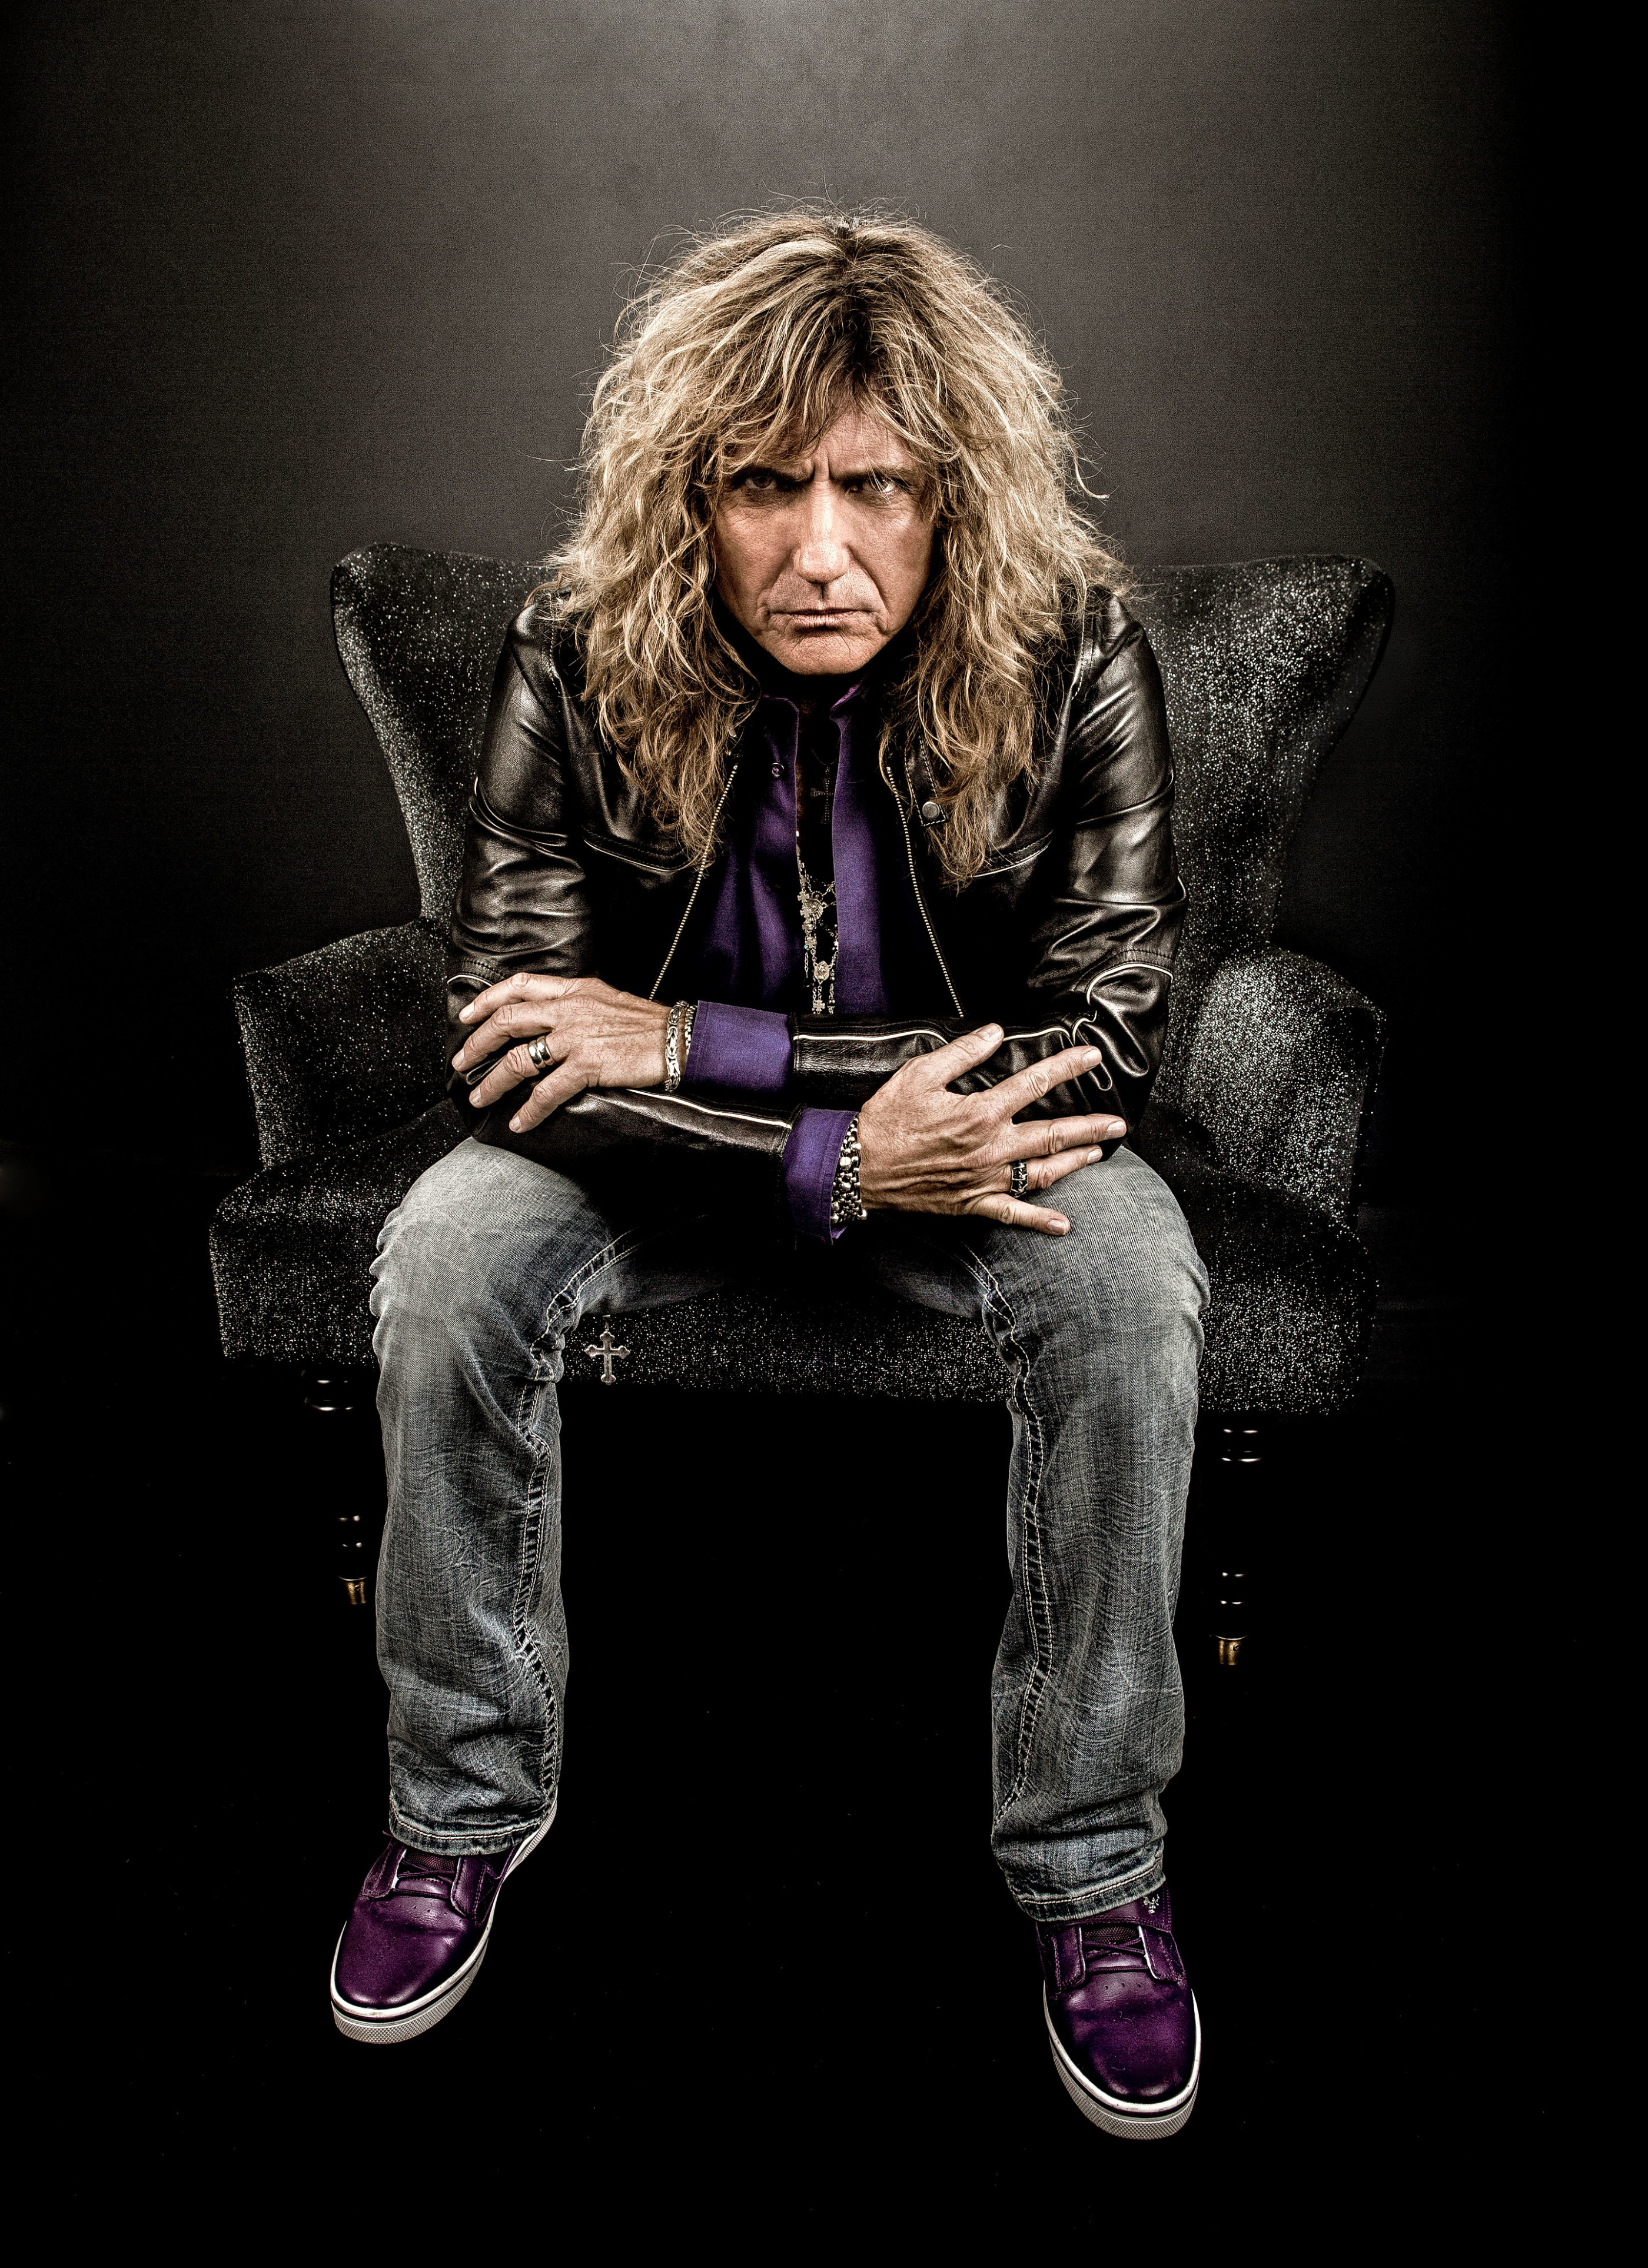 David Coverdale-Whitesnake 2014: ashnewell.com/photoshoot/david-coverdale-dark-portrait-whitesnake...